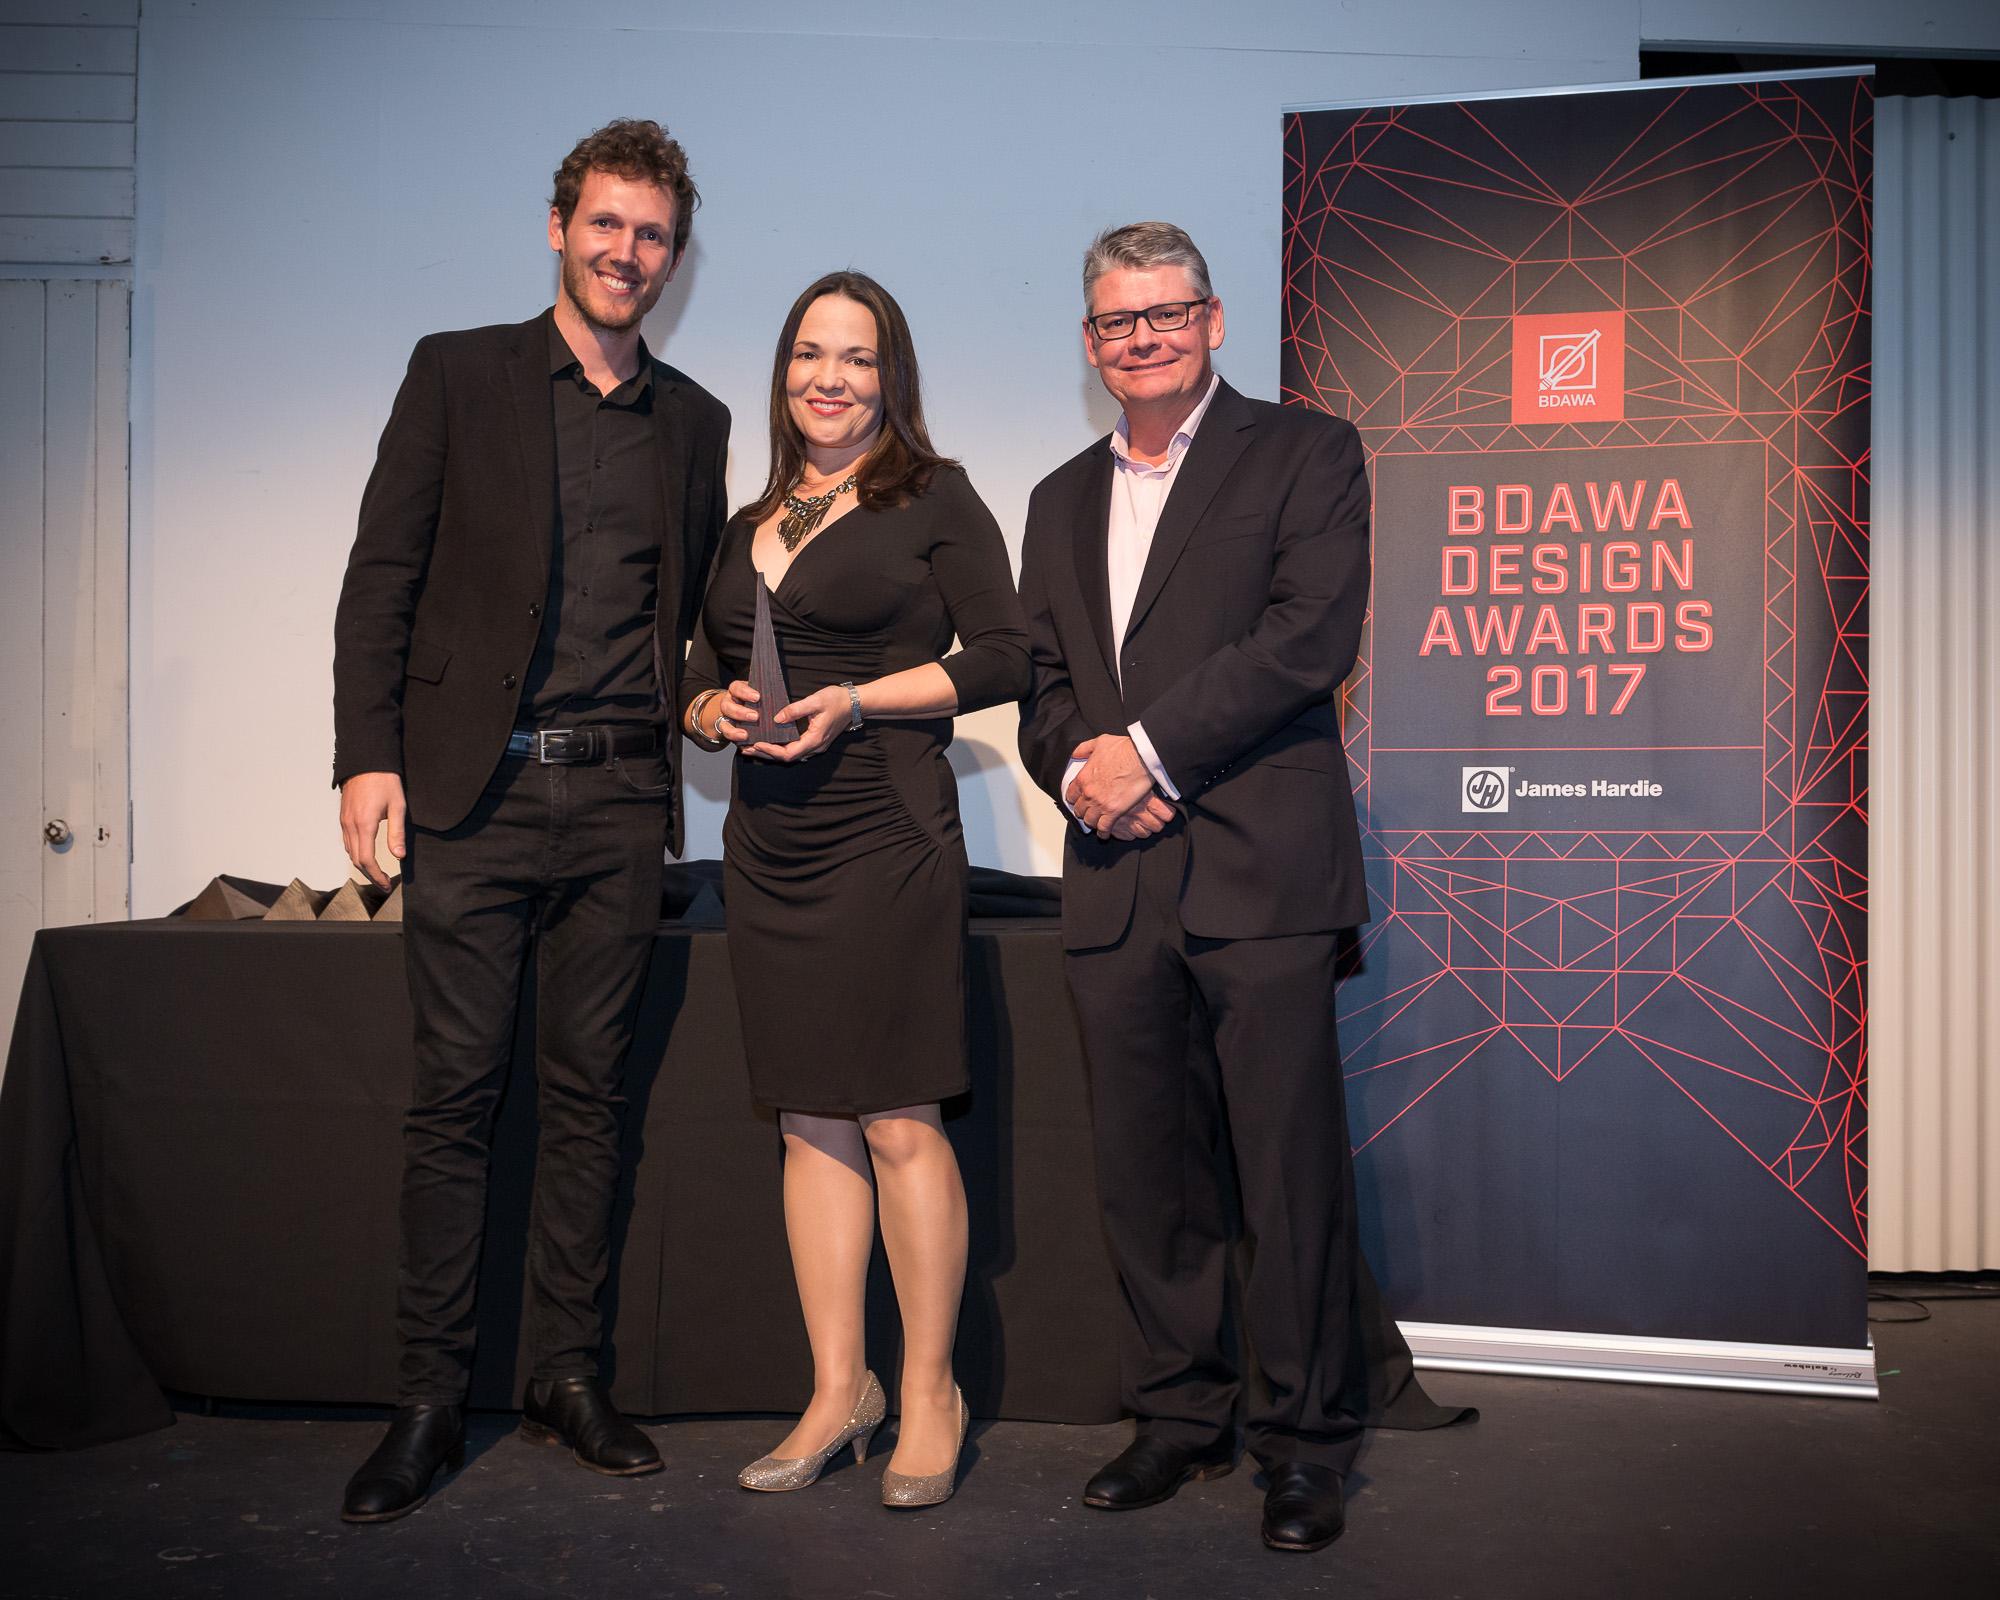 0174 BDA WA Awards 2017 _JHG7455.jpg